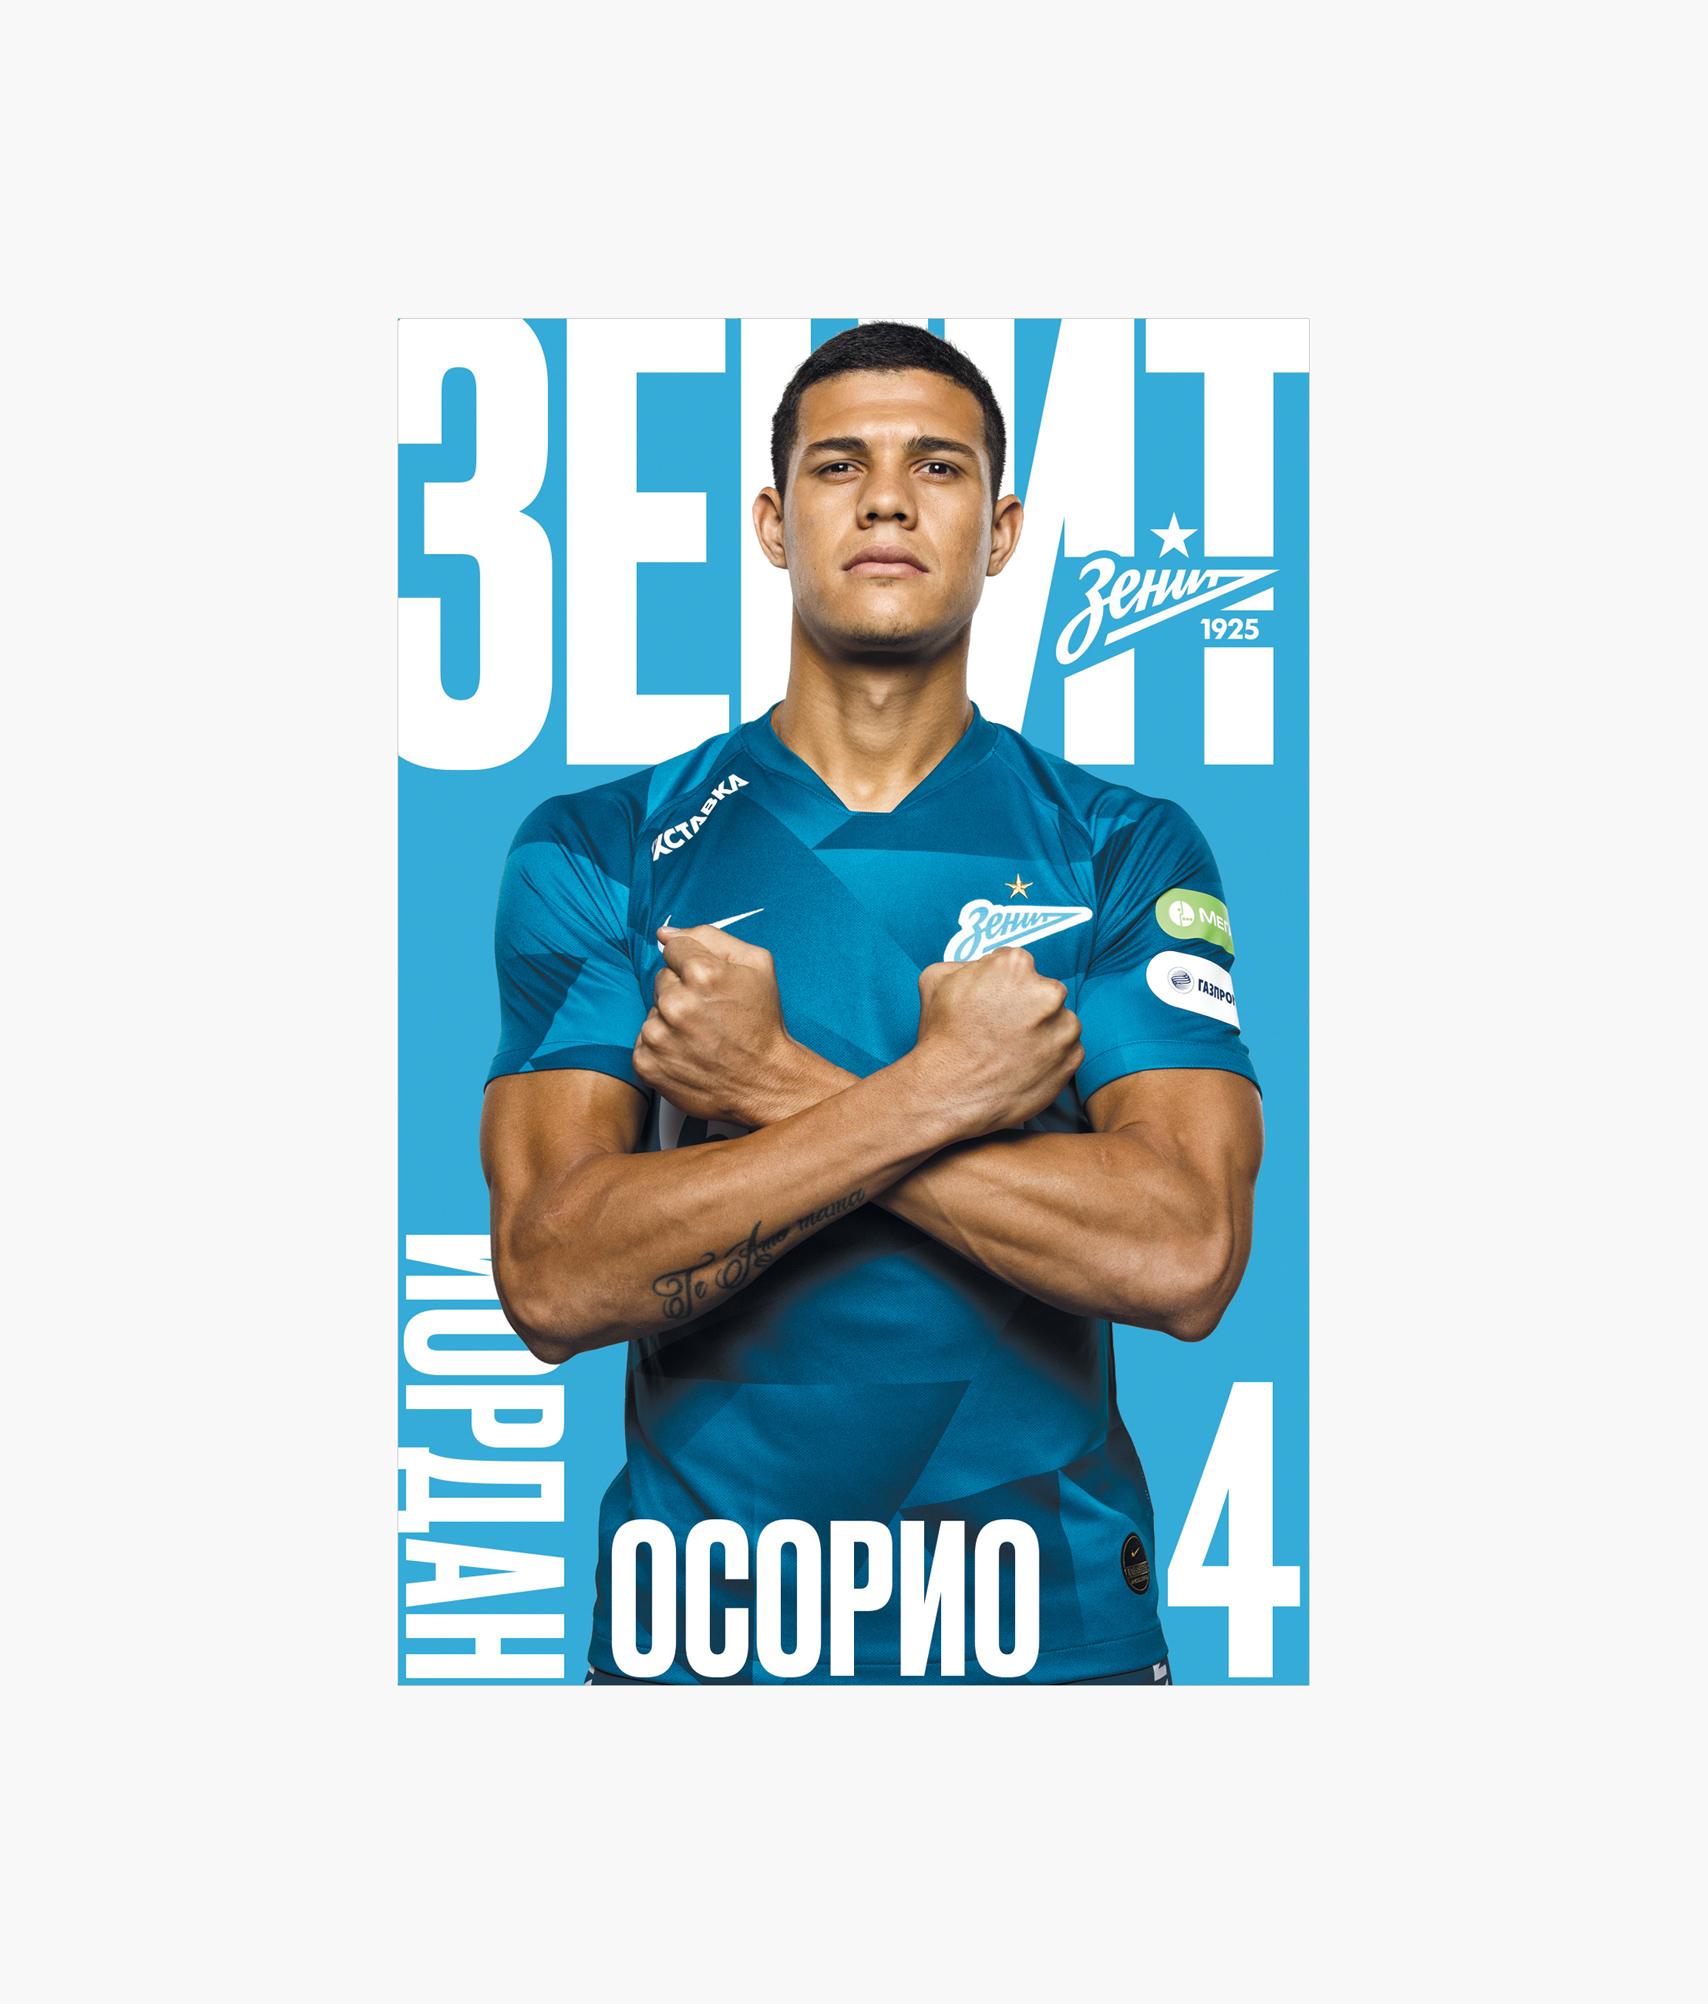 Открытка «Осорио 2019/2020» Зенит открытка лодыгин 2018 2019 зенит